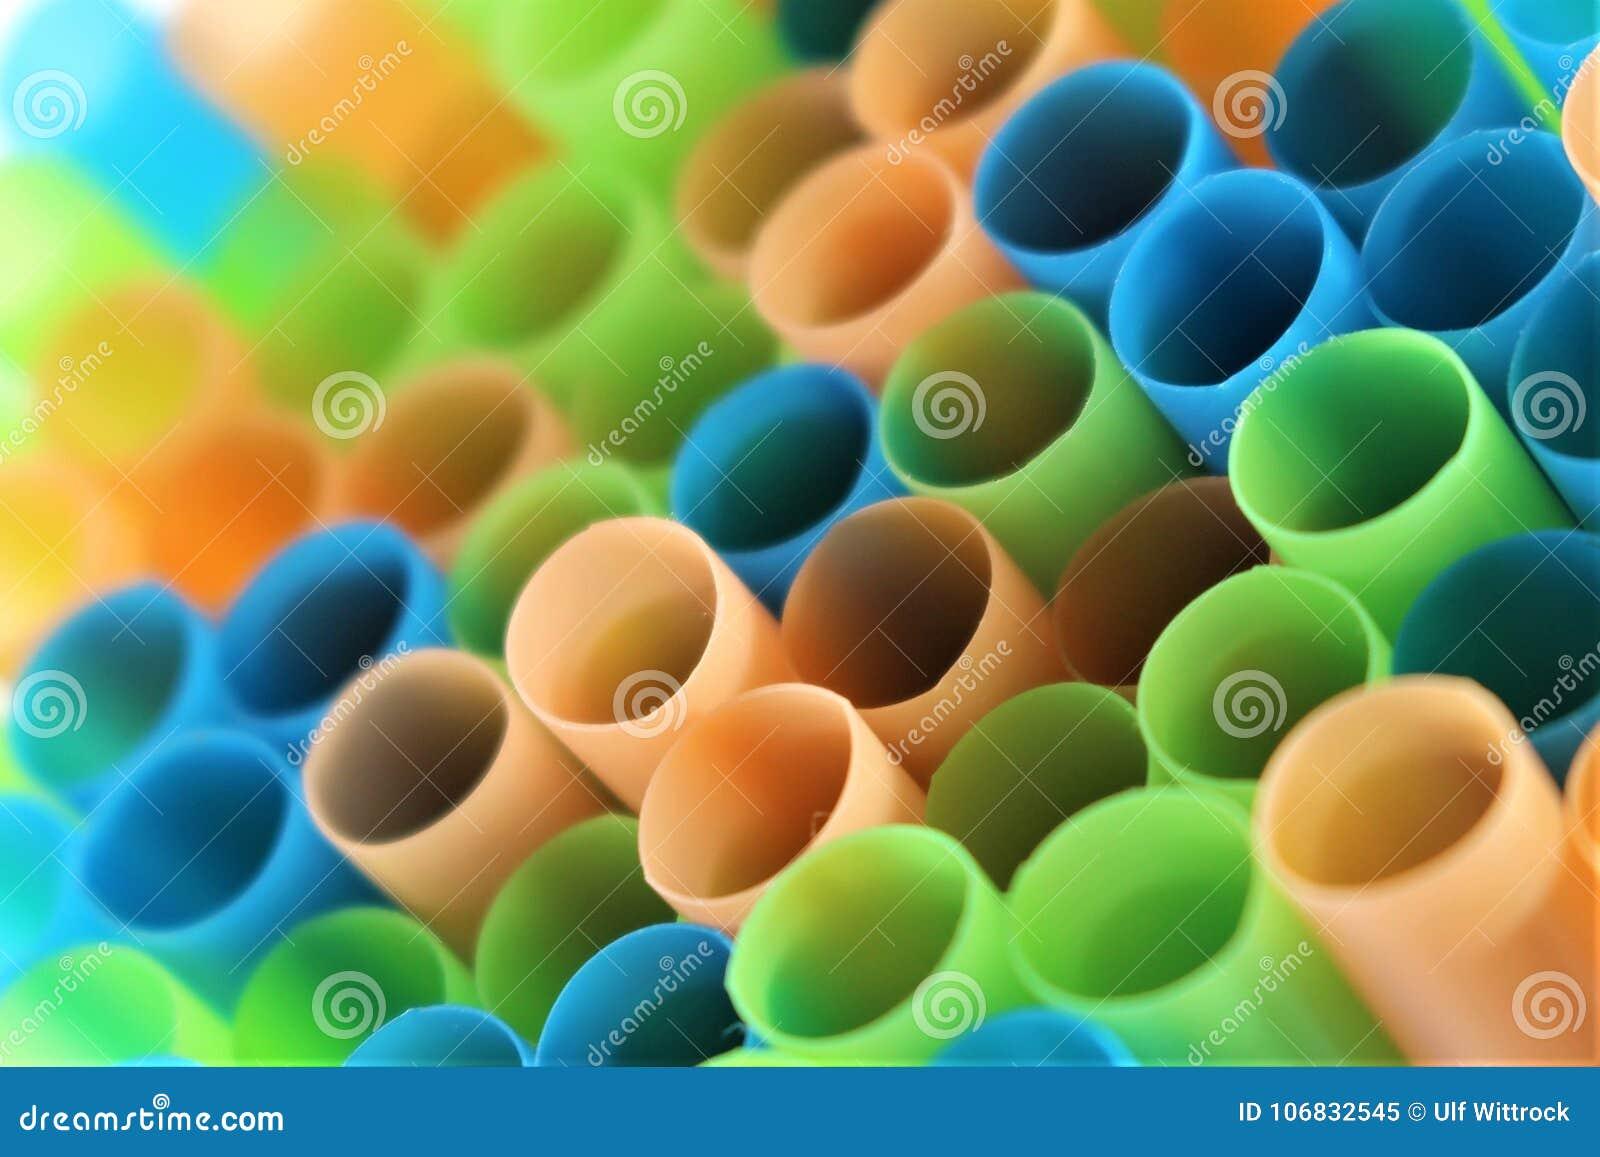 Una imagen del concepto de la paja plástica colorida